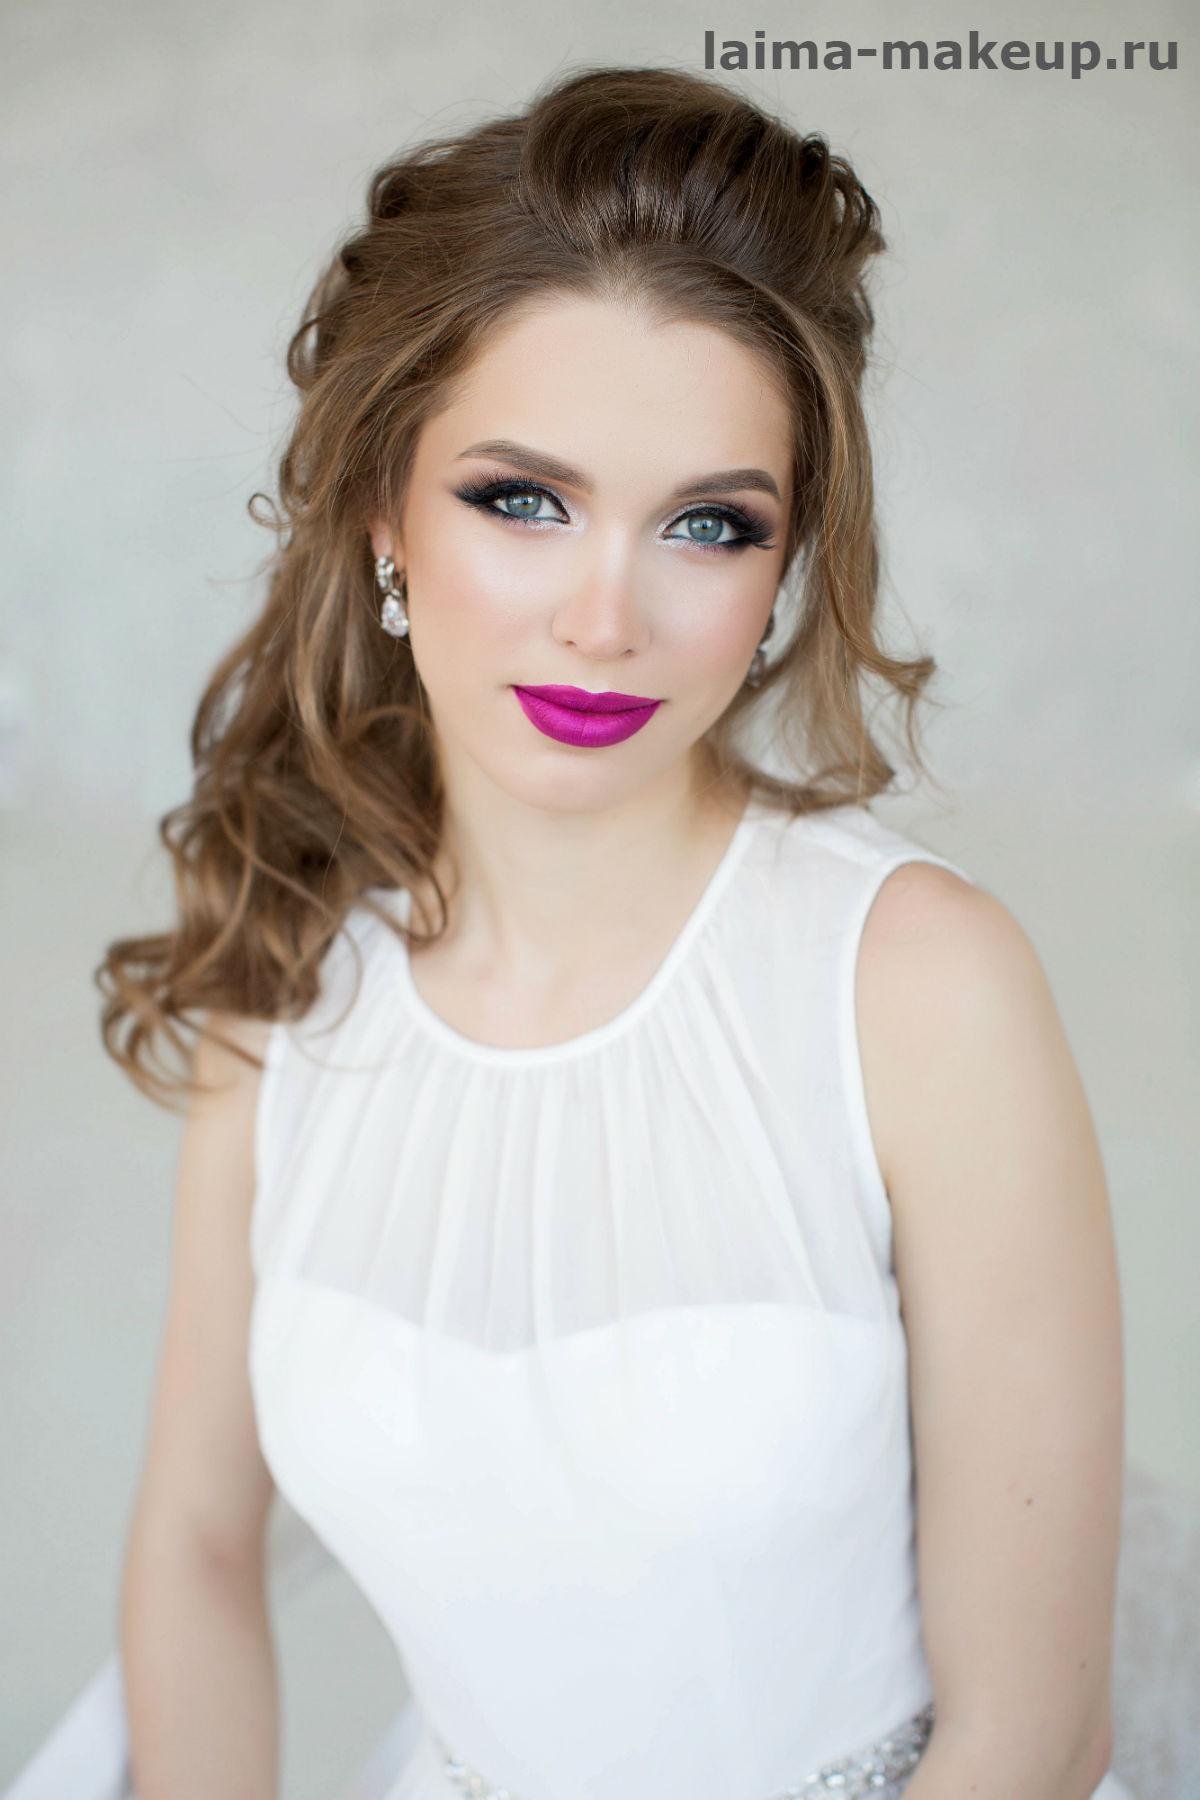 макияж в Саларьево